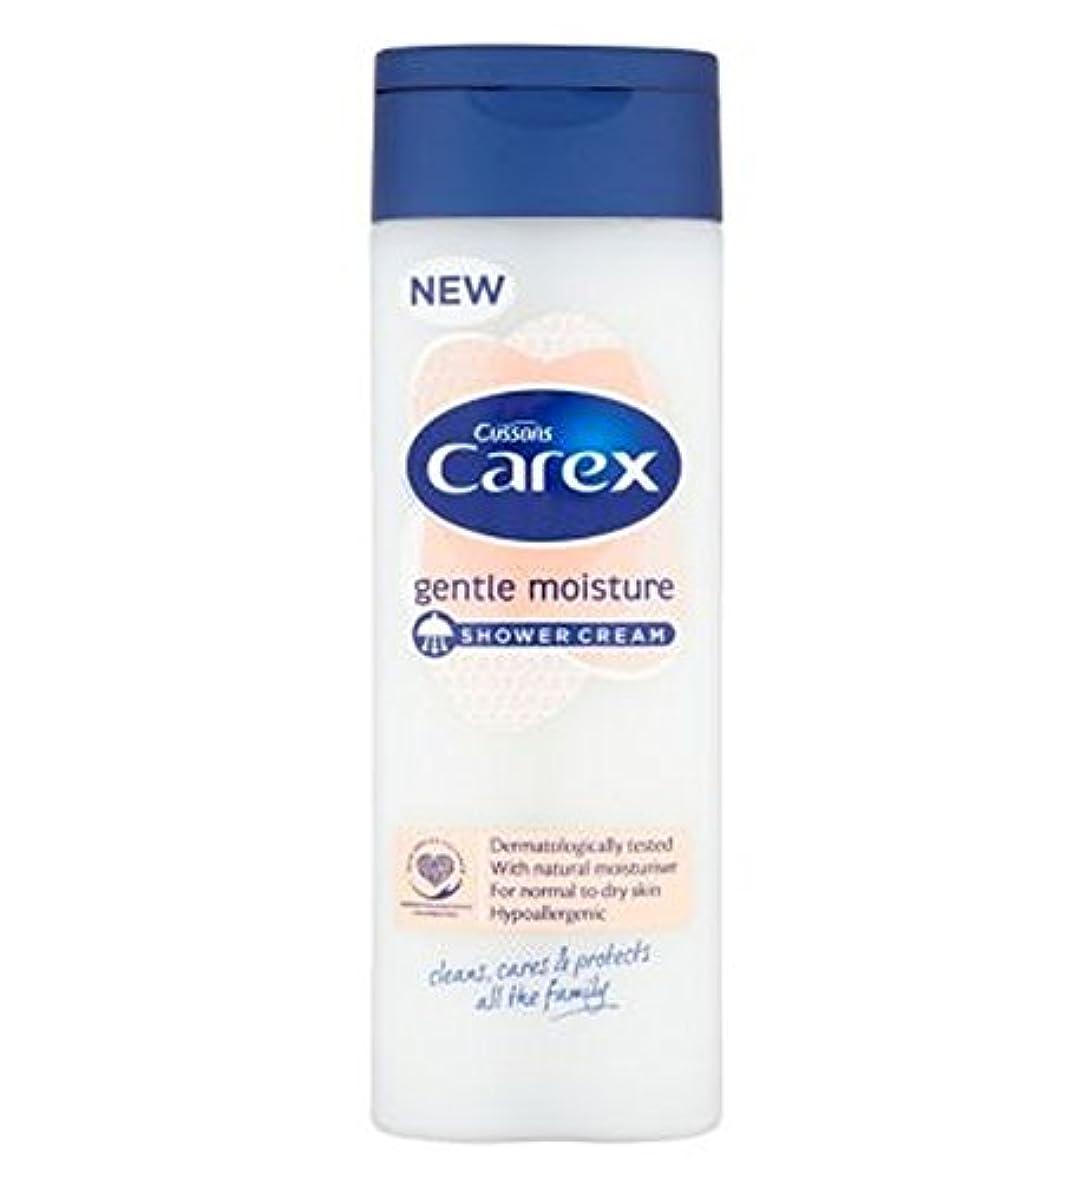 マウンド読みやすい学士スゲ属穏やかな水分シャワークリーム250ミリリットル (Carex) (x2) - Carex Gentle Moisture Shower Cream 250ml (Pack of 2) [並行輸入品]